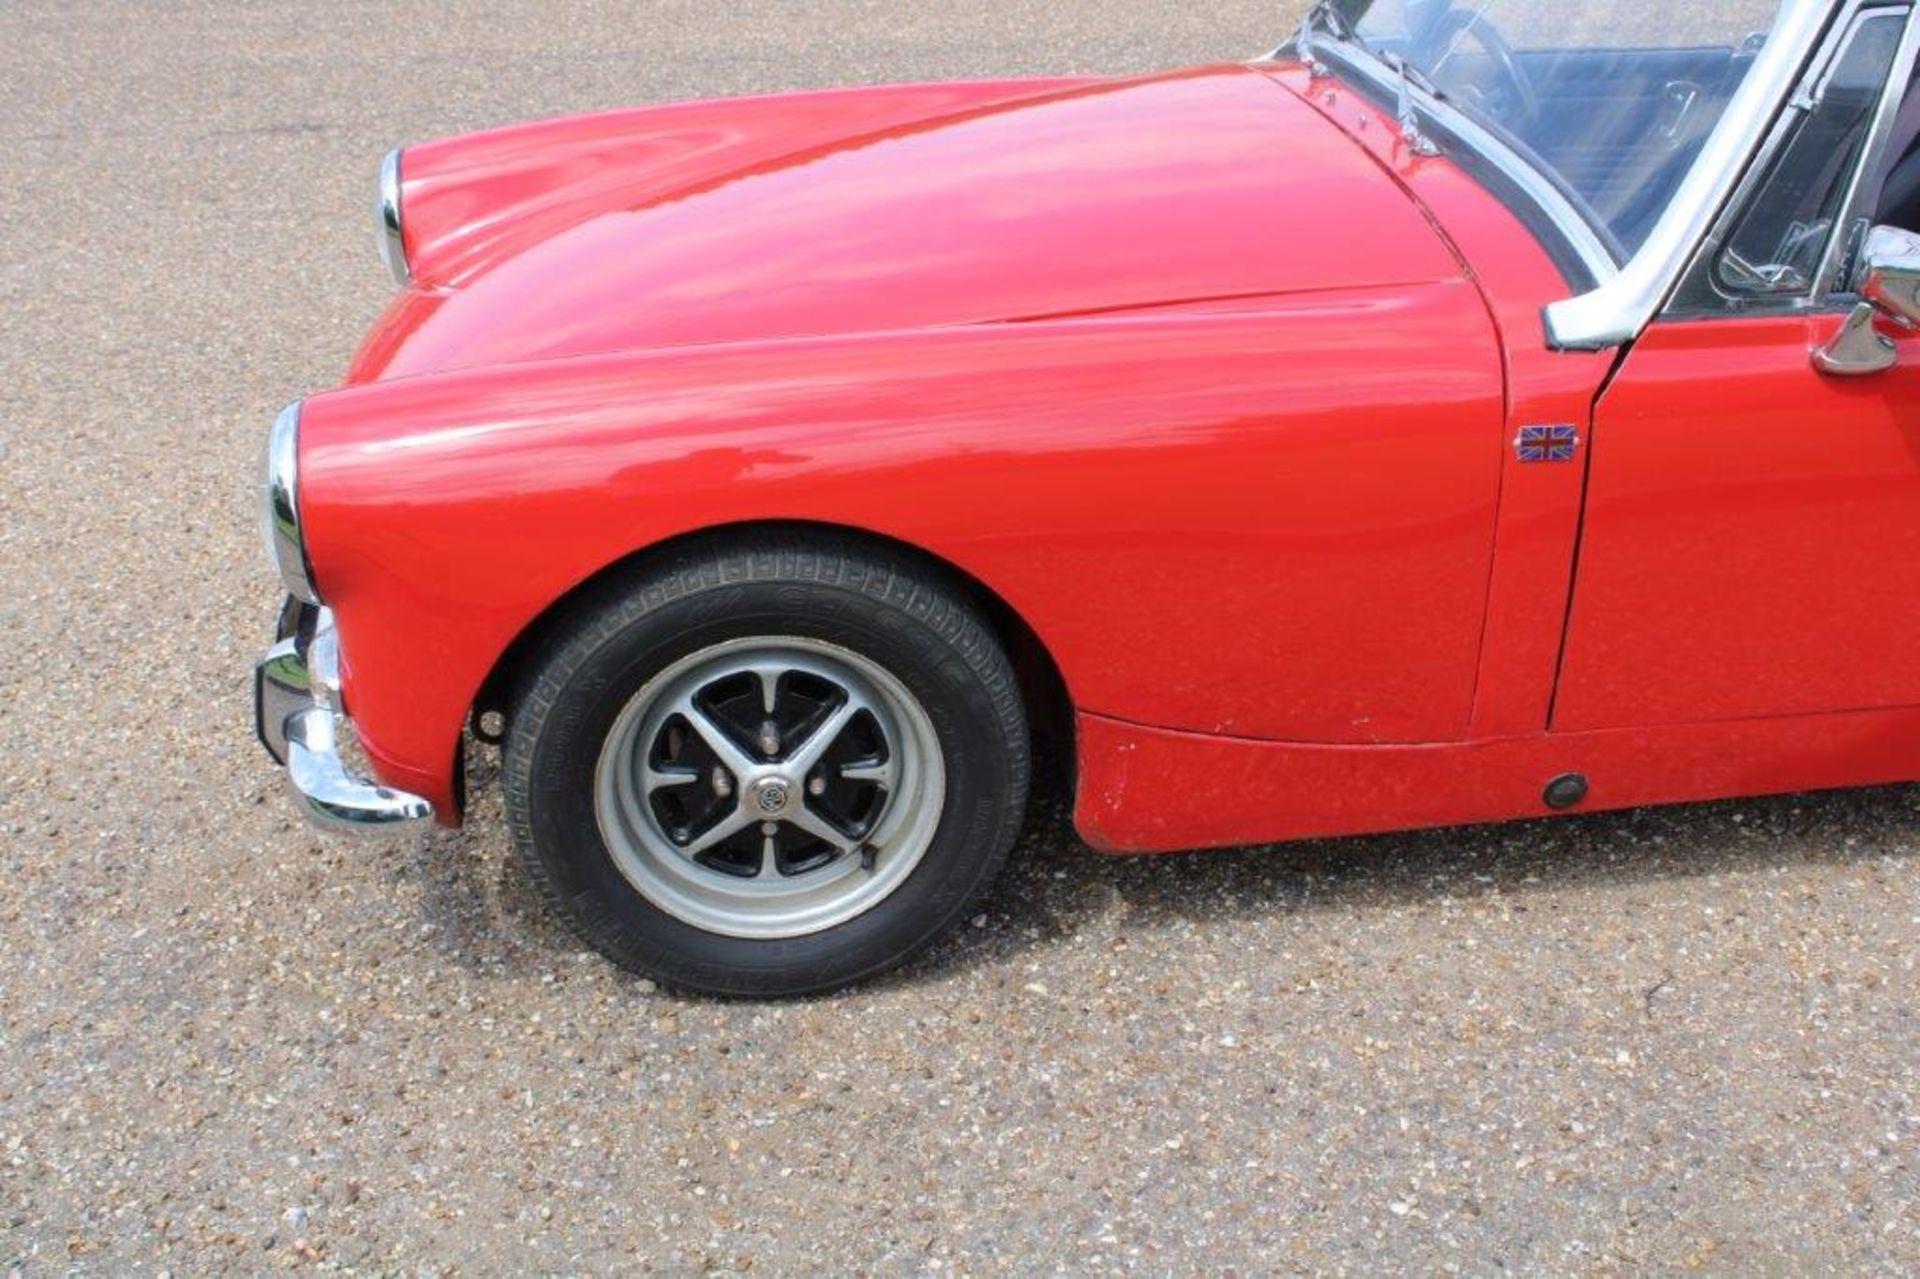 1973 MG Midget MK III - Image 4 of 25